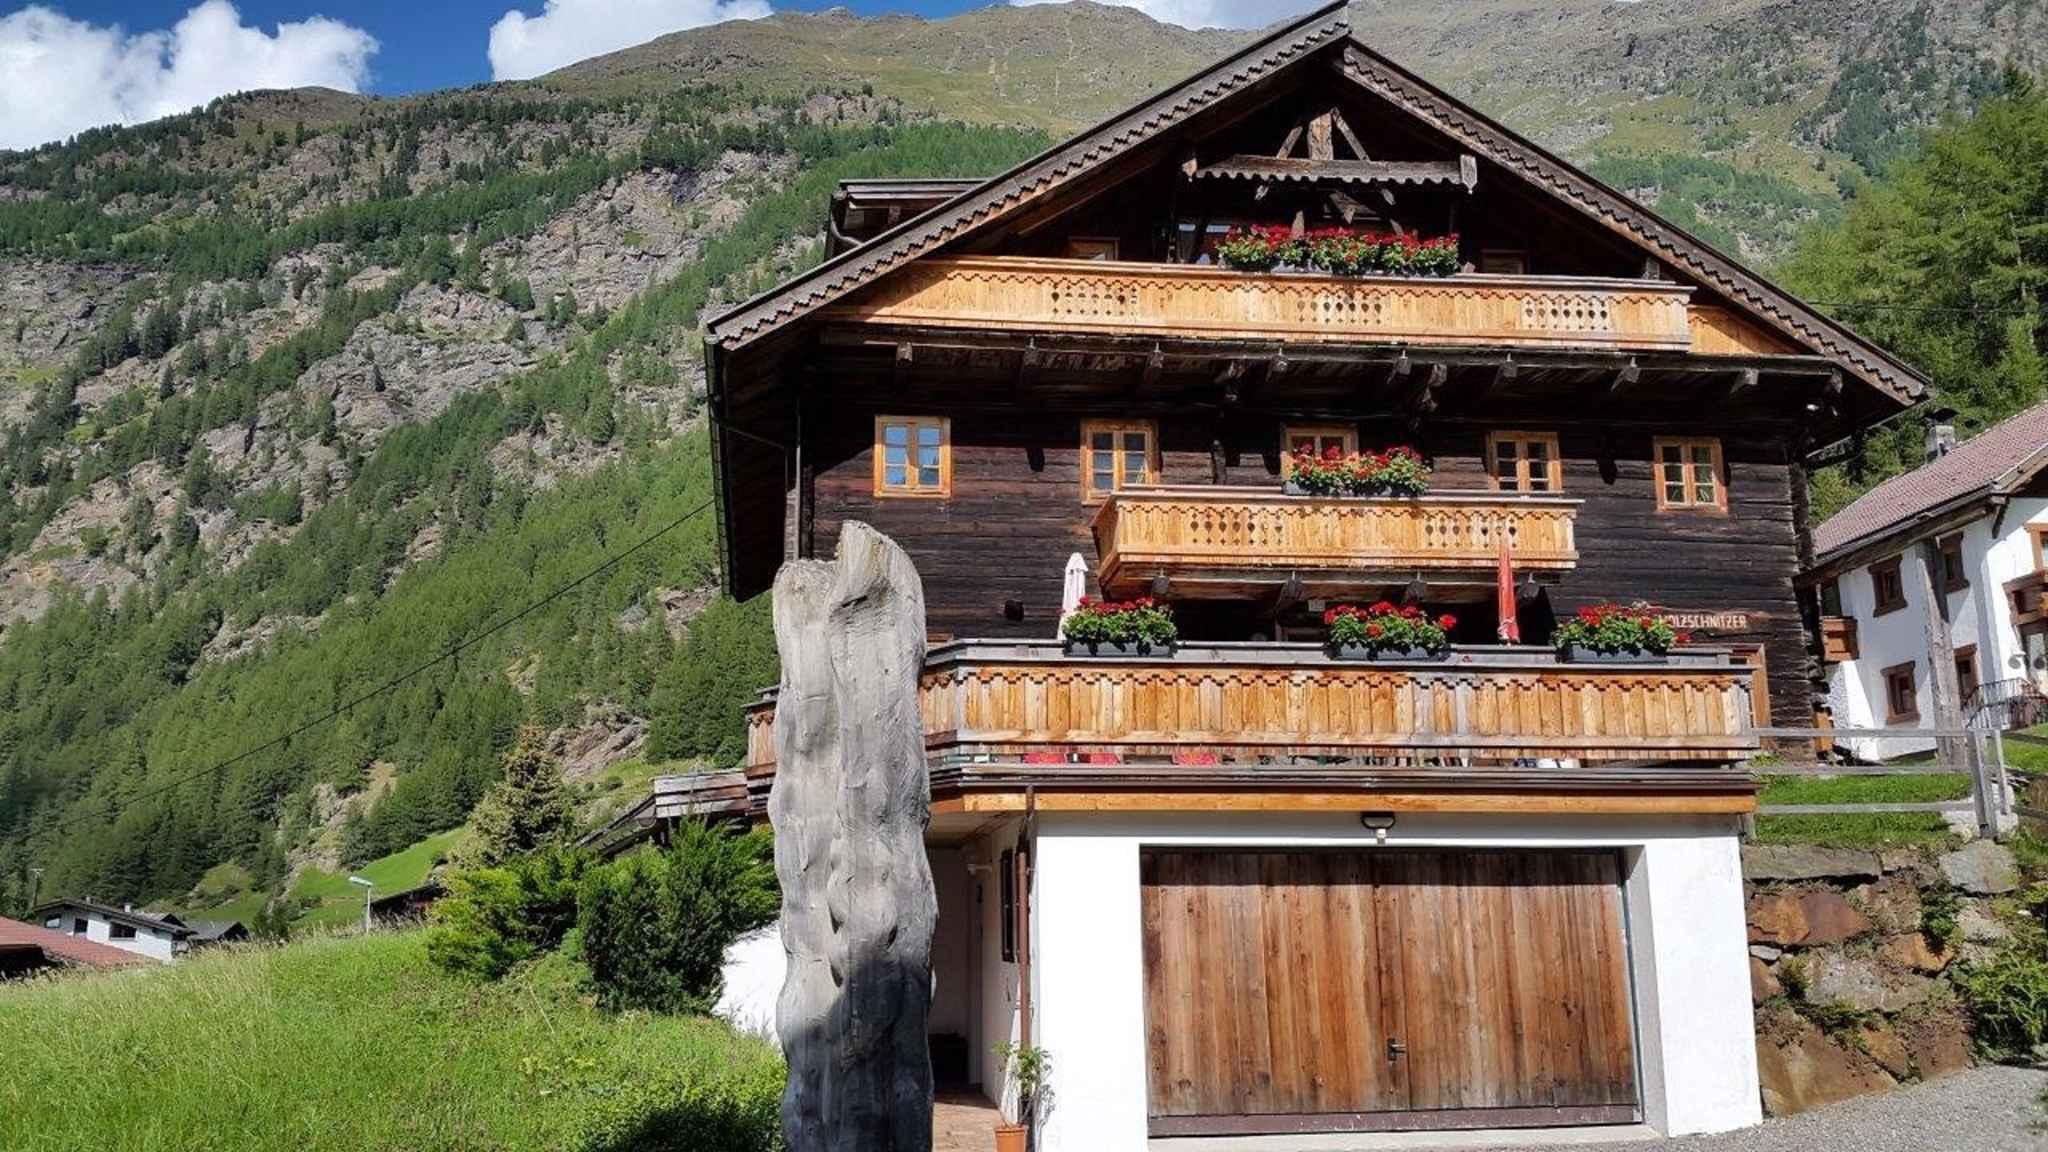 Ferienwohnung in einem über 300 Jahre alten Holzhaus (283707), Sölden (AT), Ötztal, Tirol, Österreich, Bild 4